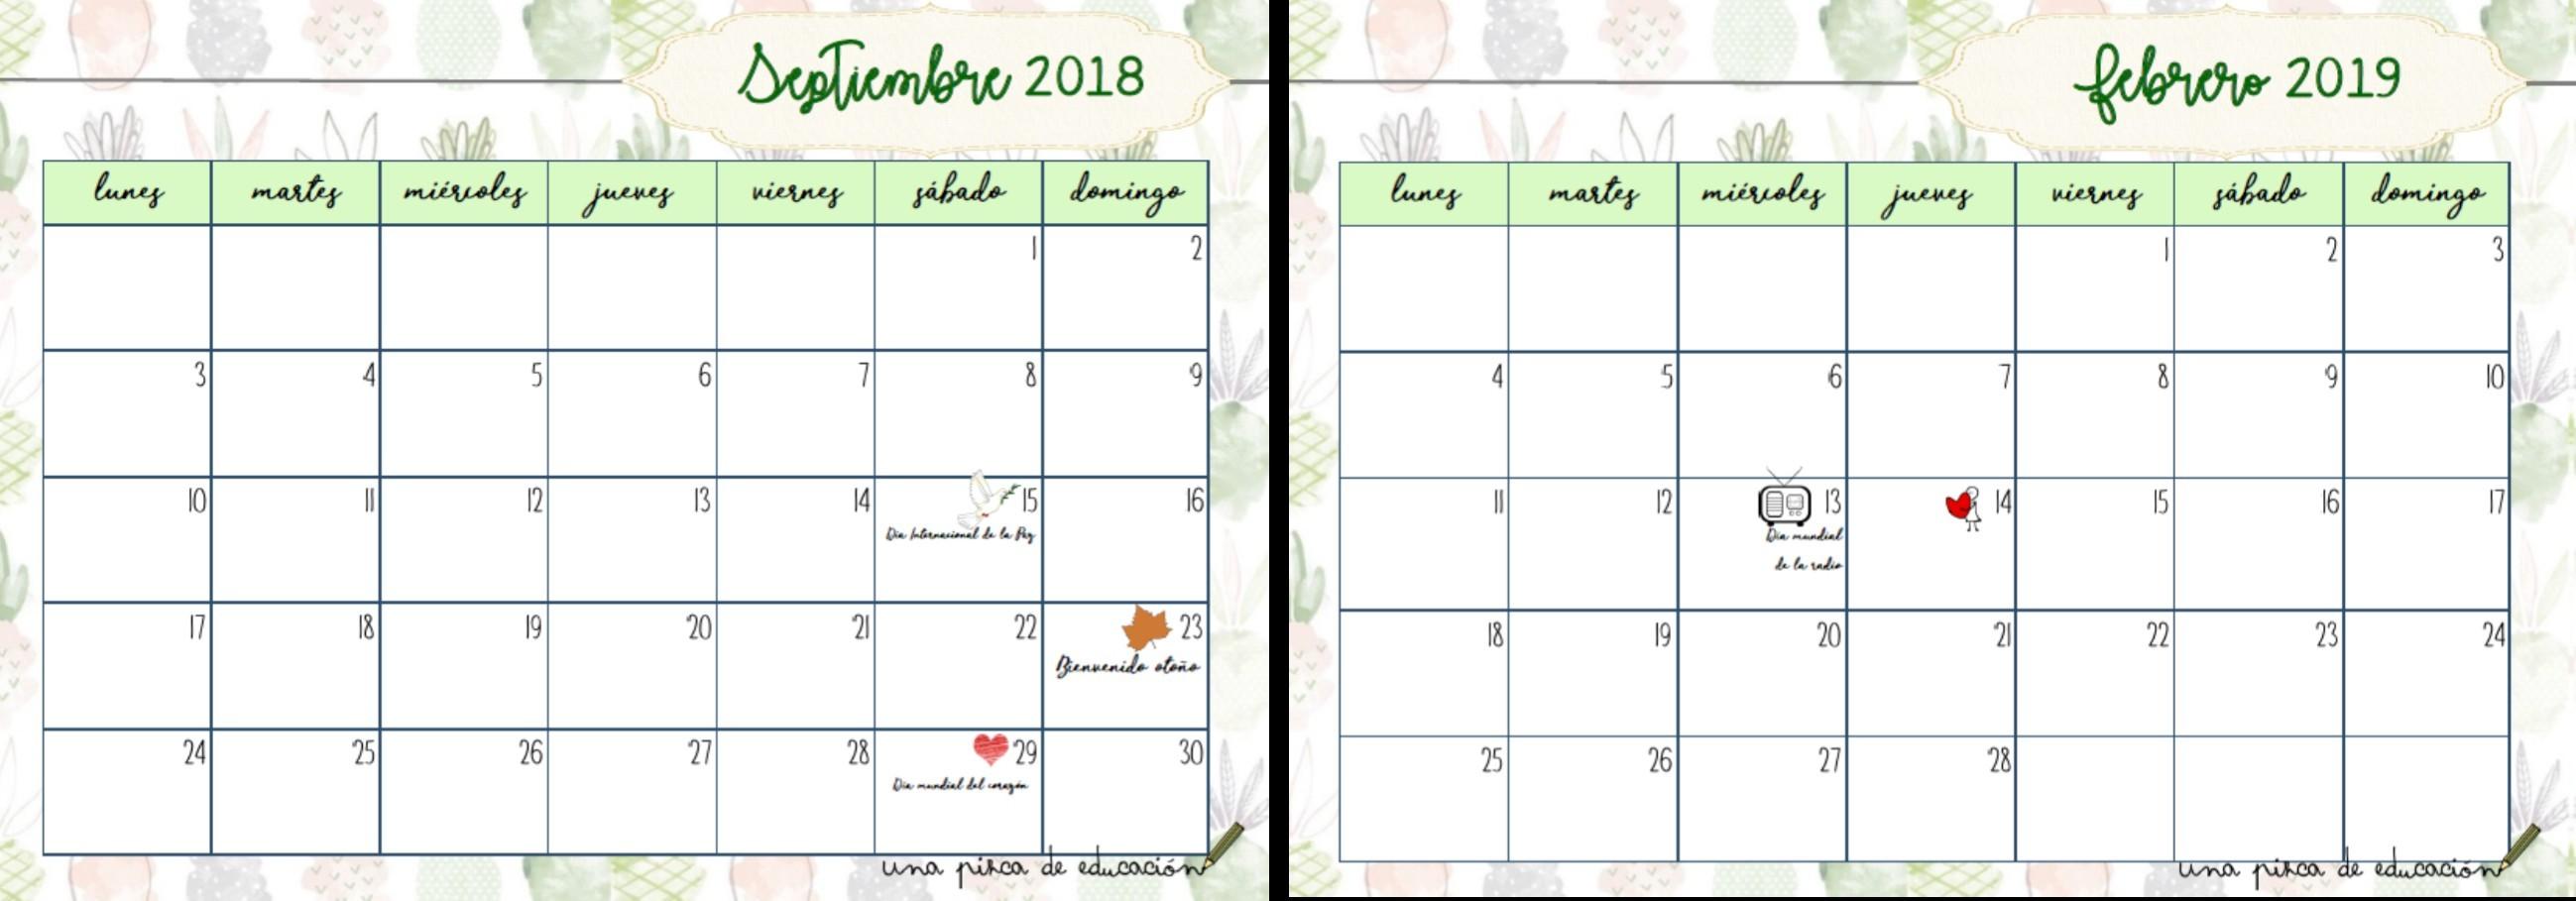 Calendario Septiembre 2019 Para Imprimir Con Feriados Recientes Noticias Calendario 2017 Para Imprimir Michelzbinden Of Calendario Septiembre 2019 Para Imprimir Con Feriados Más Recientes Fiestas De San Juan O De La Madre De Dios La